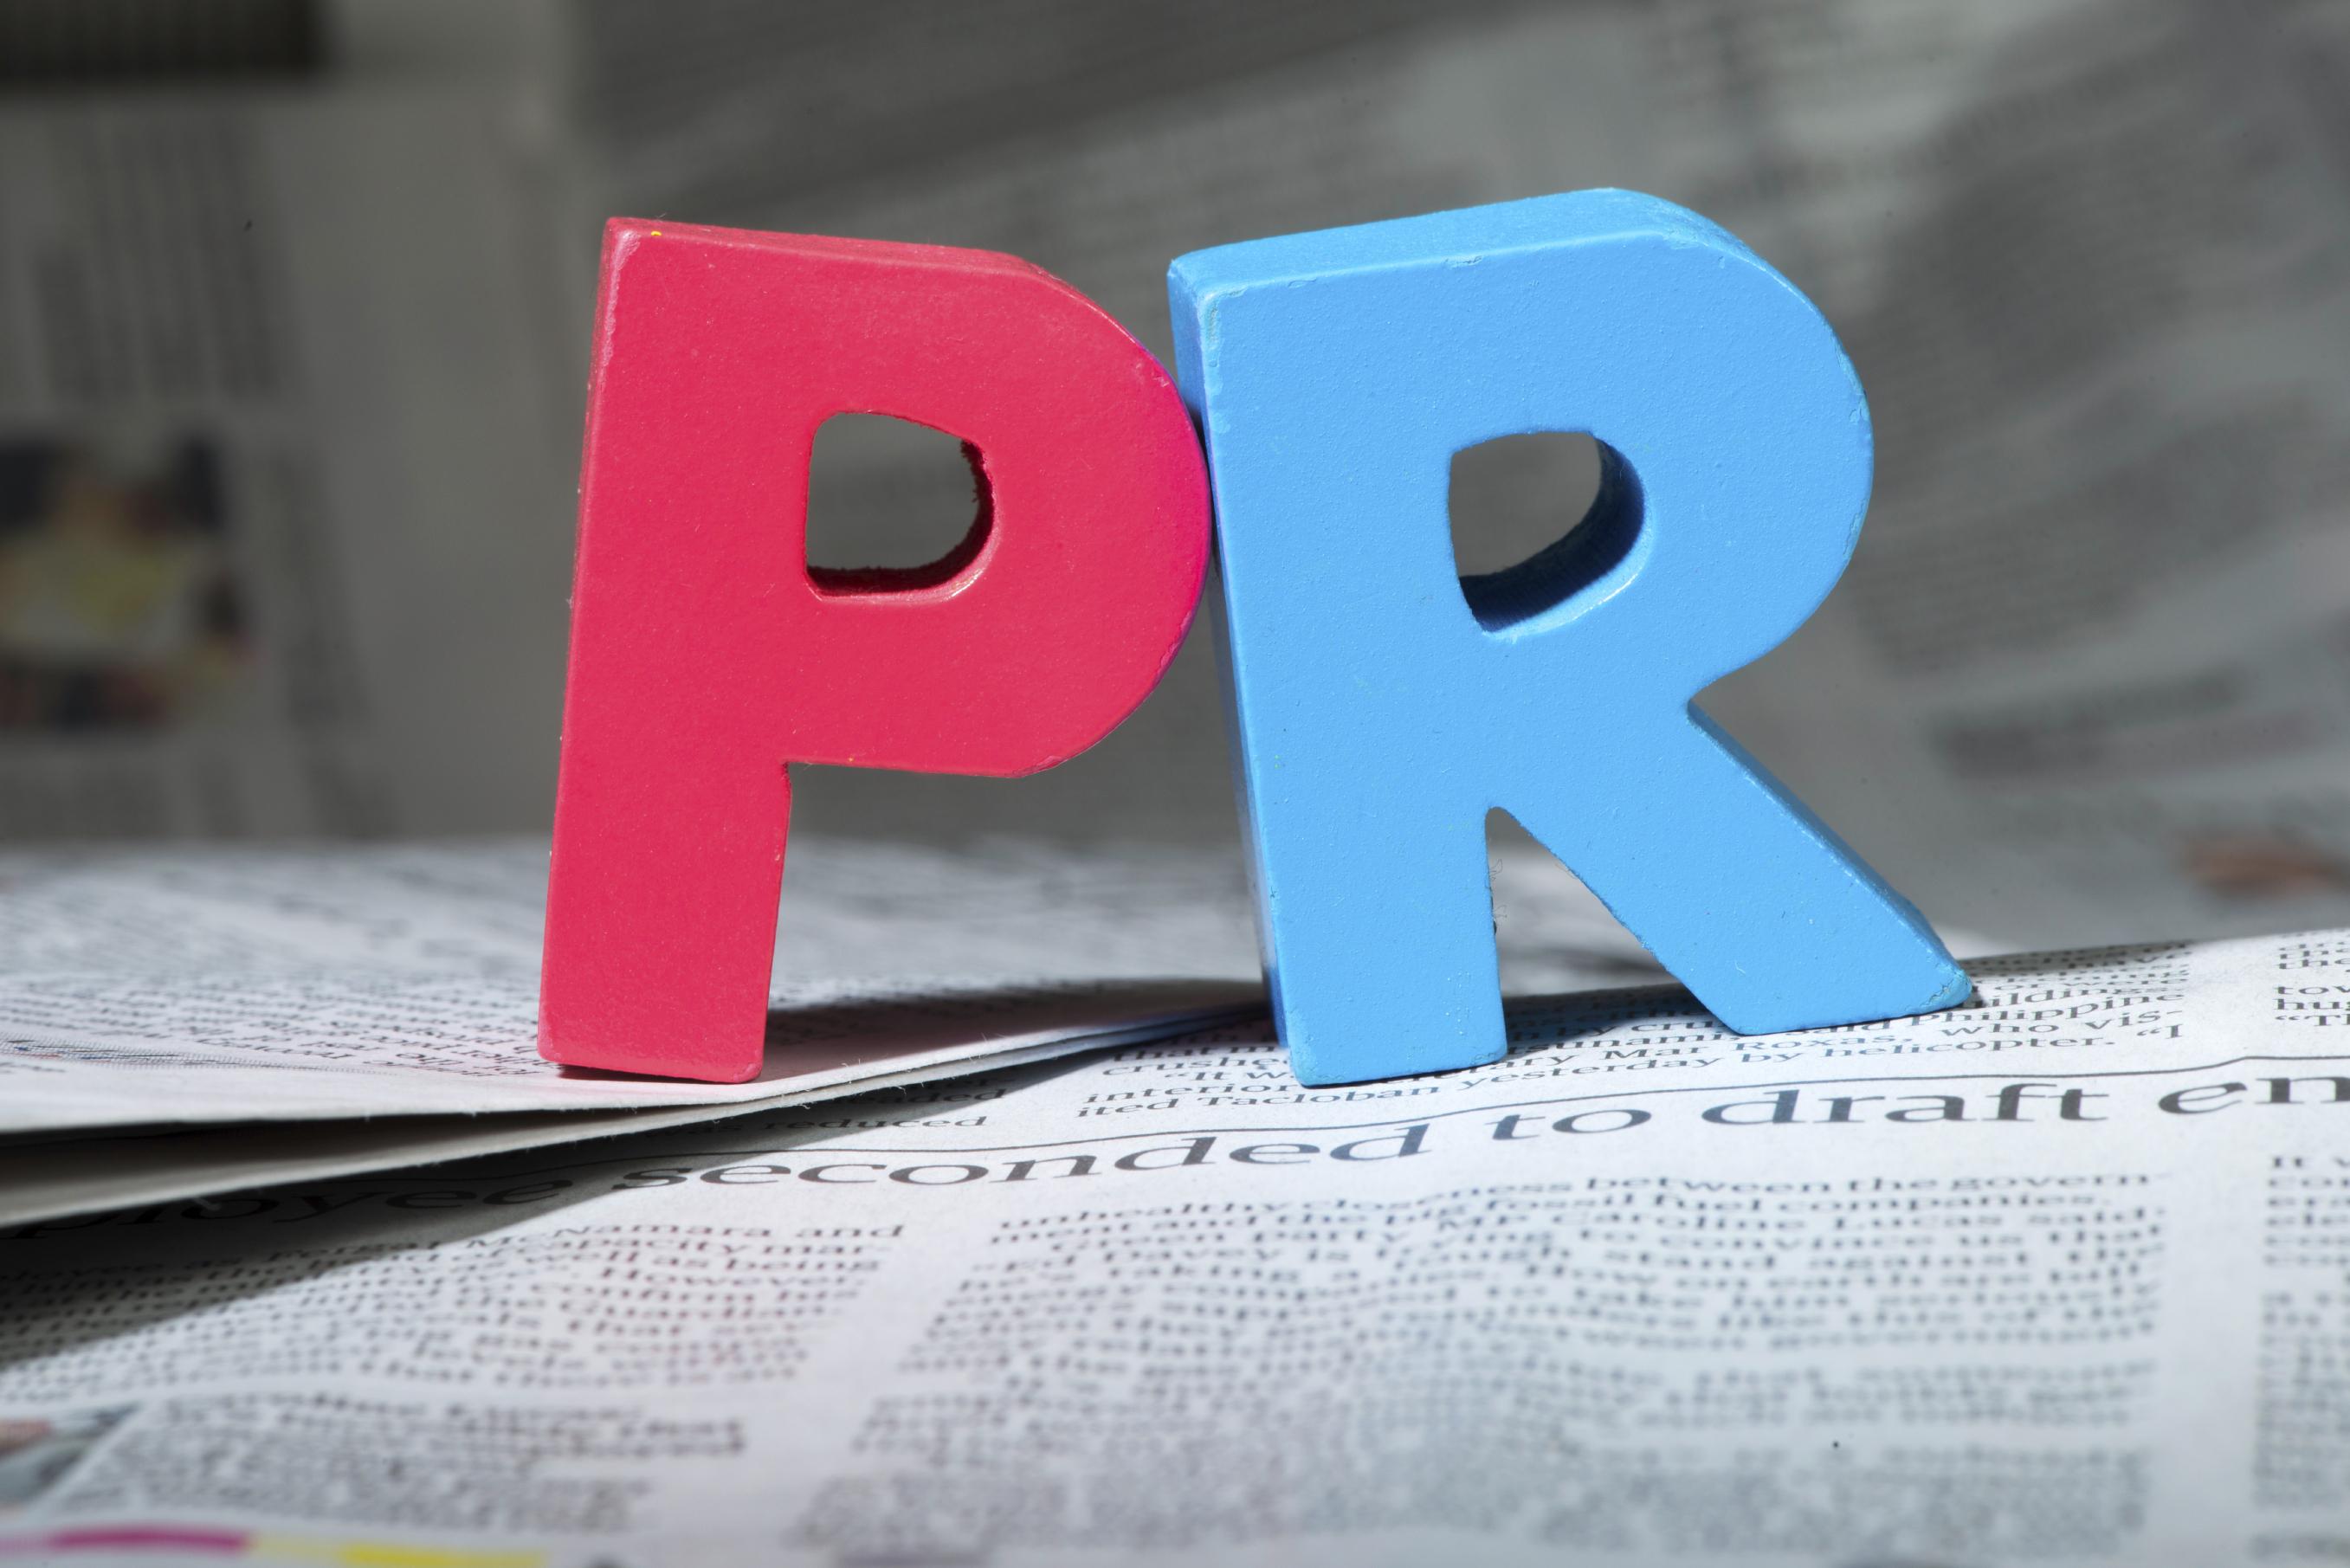 Làm gì để nâng cao hiệu quả bài PR ở chiến lược marketing trong bất động sản?